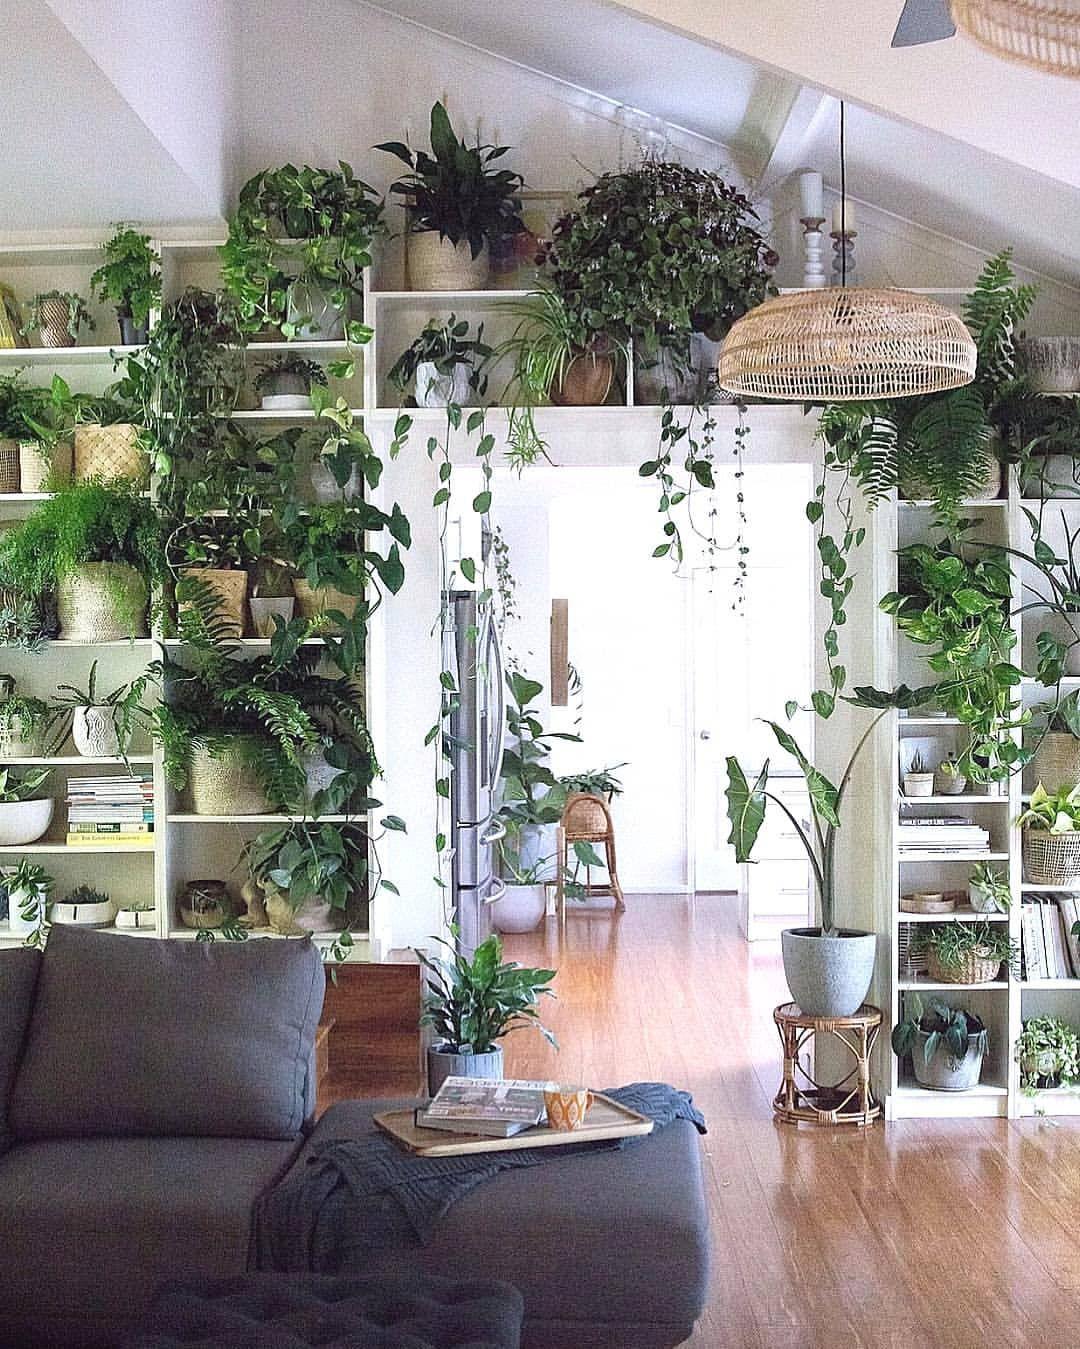 le meilleur spot green en ville c 39 est votre salon. Black Bedroom Furniture Sets. Home Design Ideas